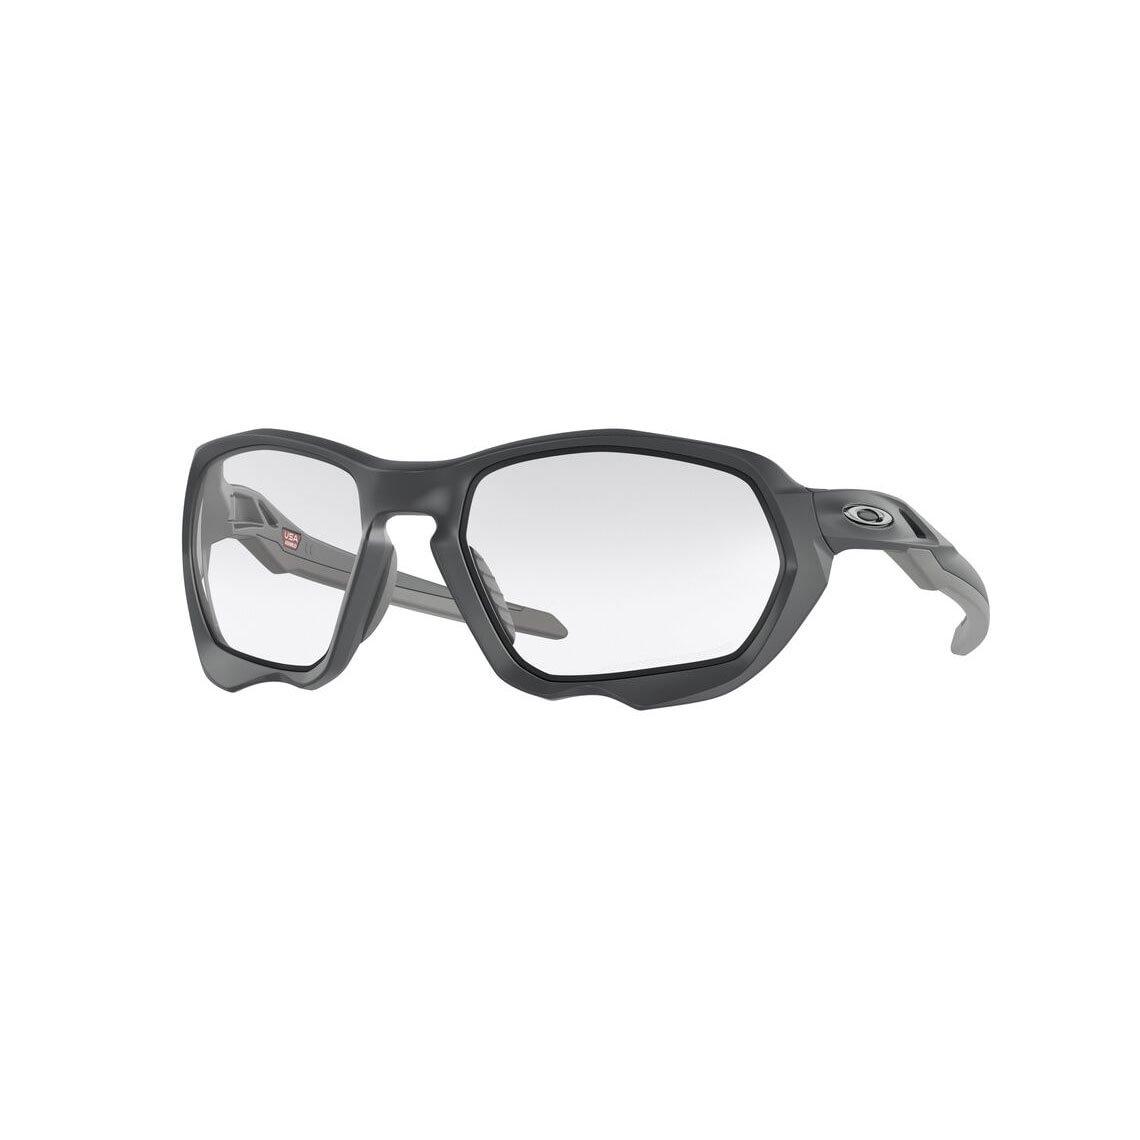 Oakley Plazma Photocromatic OO9019-0559